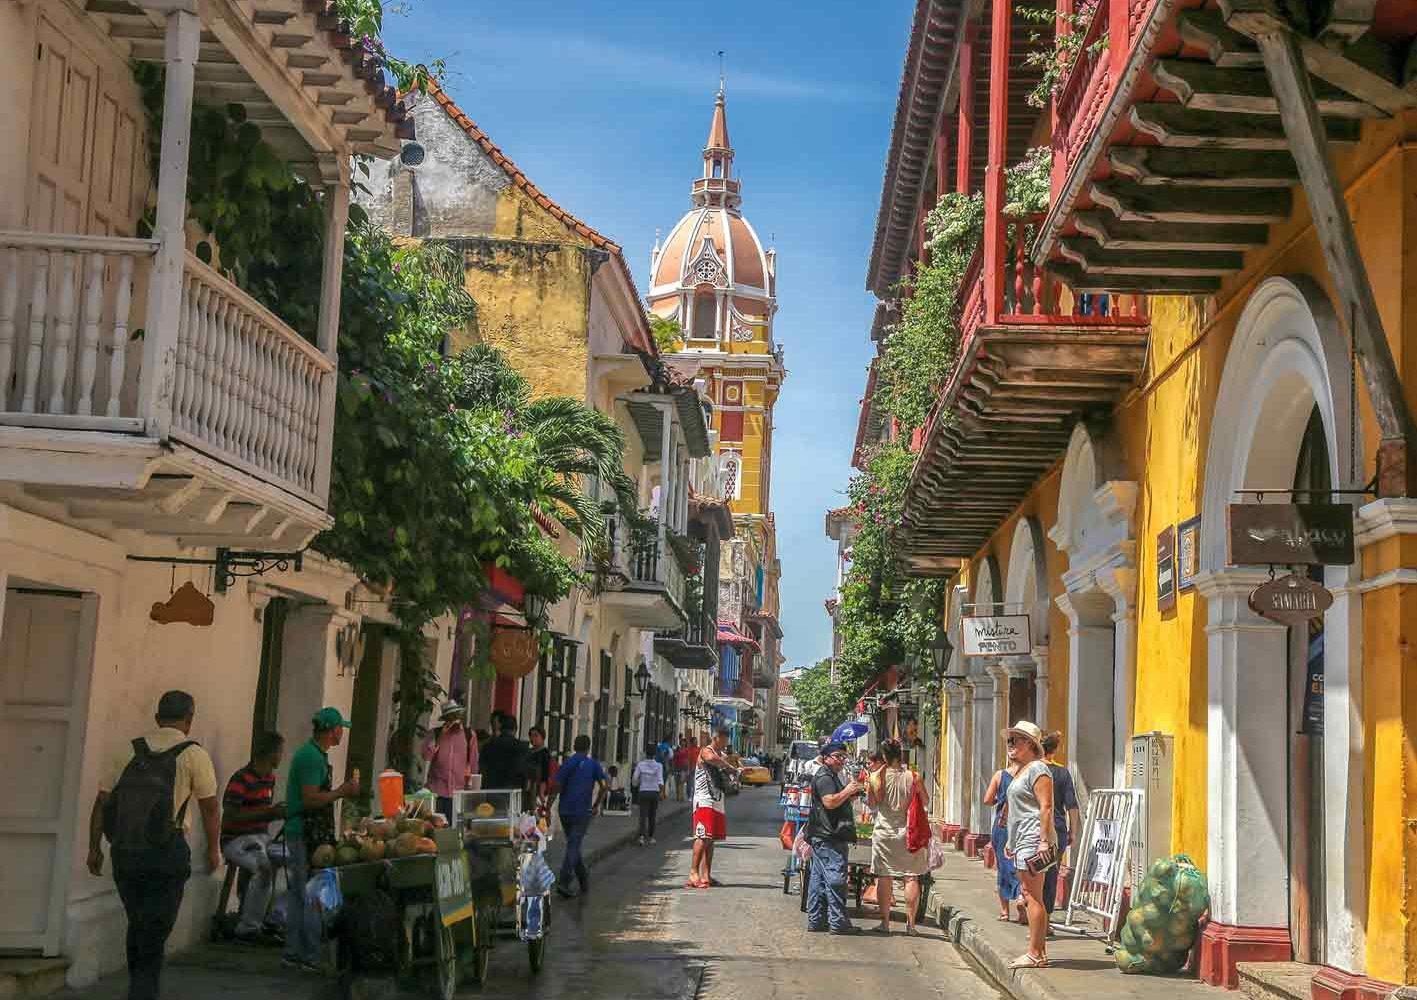 Schmucke Altstadt von CartagenaSchmucke Altstadt von Cartagena